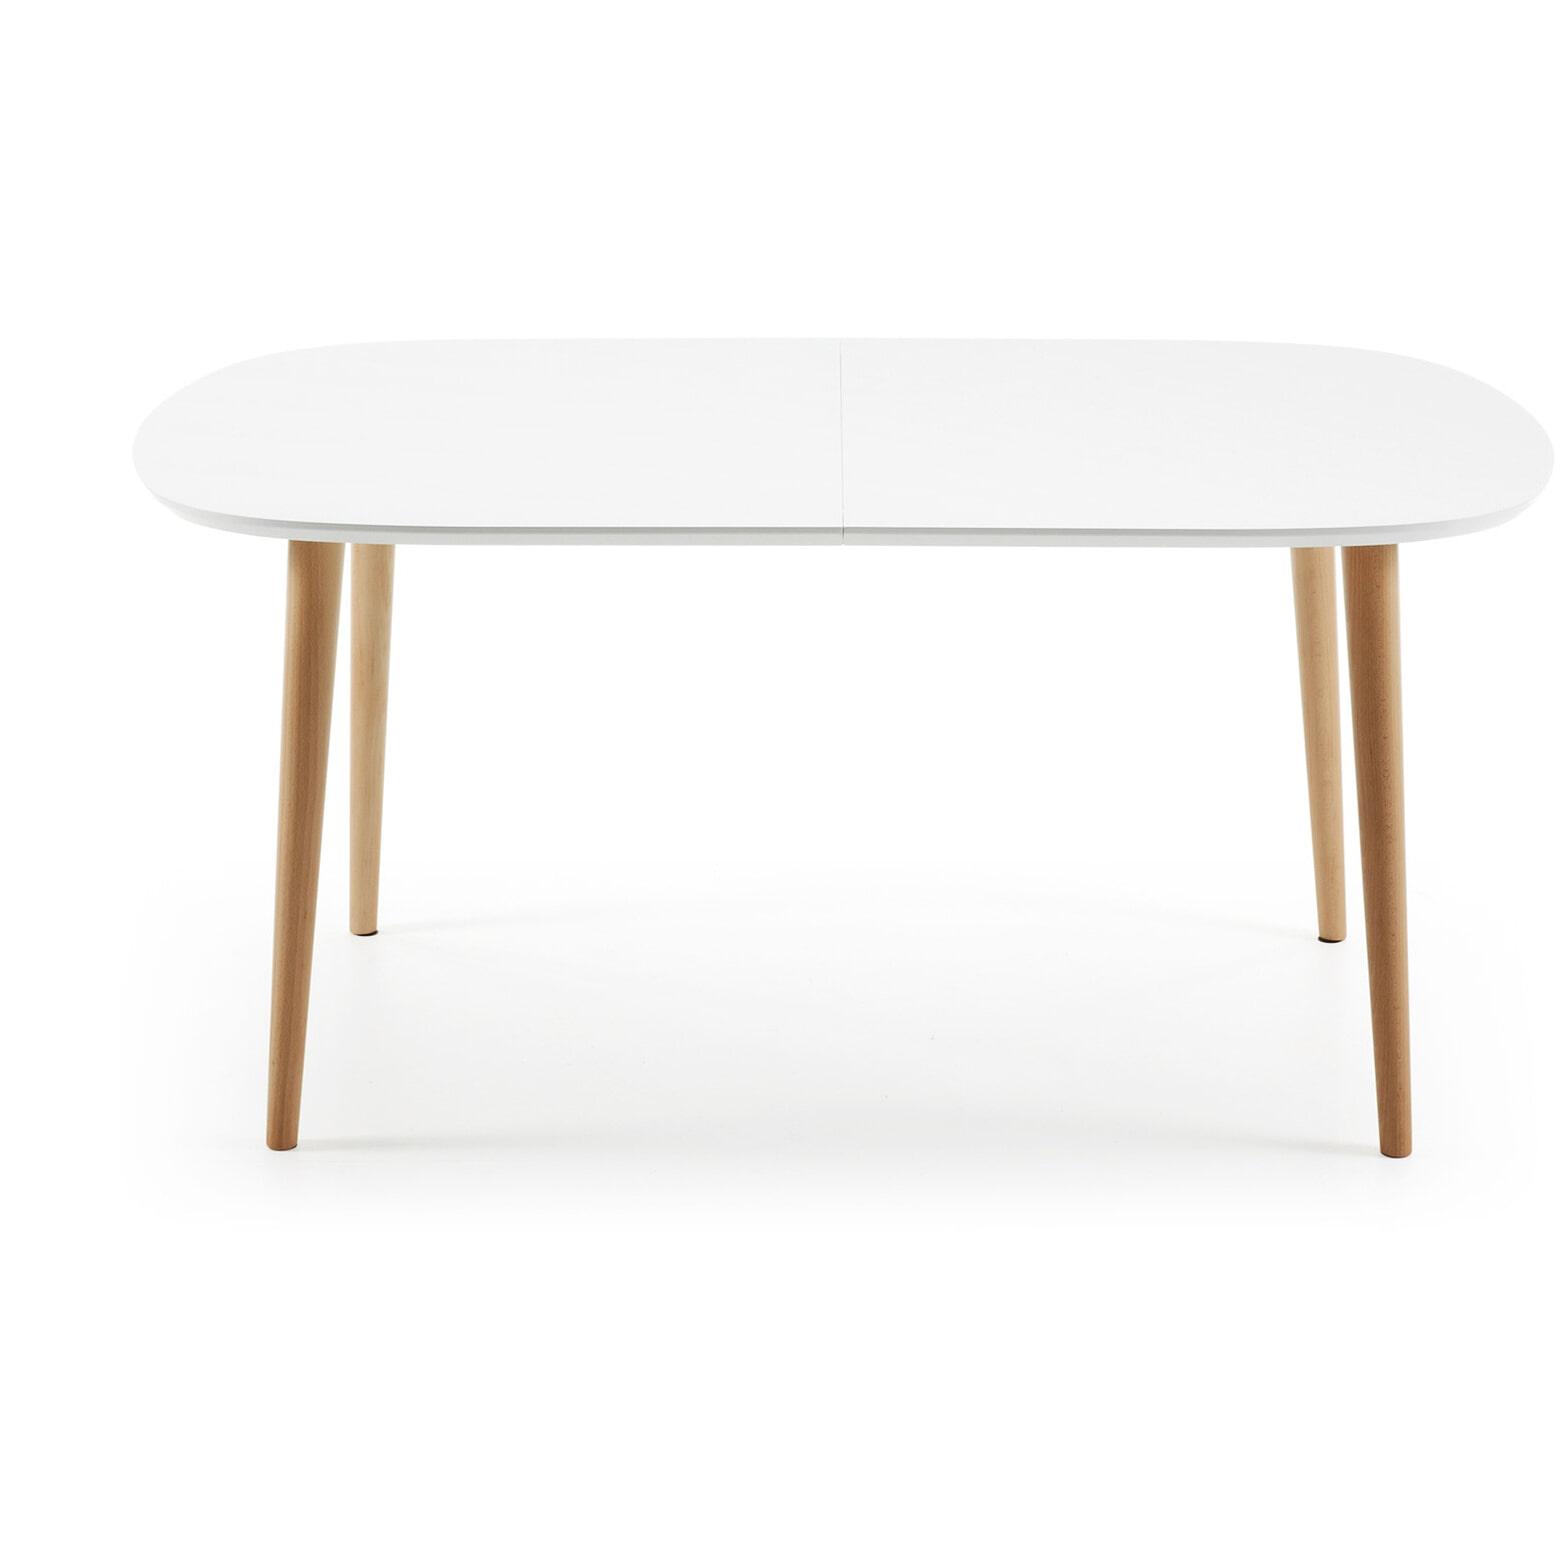 Kave Home Uitschuifbare Ovale Eettafel 'Oqui' 160 - 260 x 100cm, kleur Wit